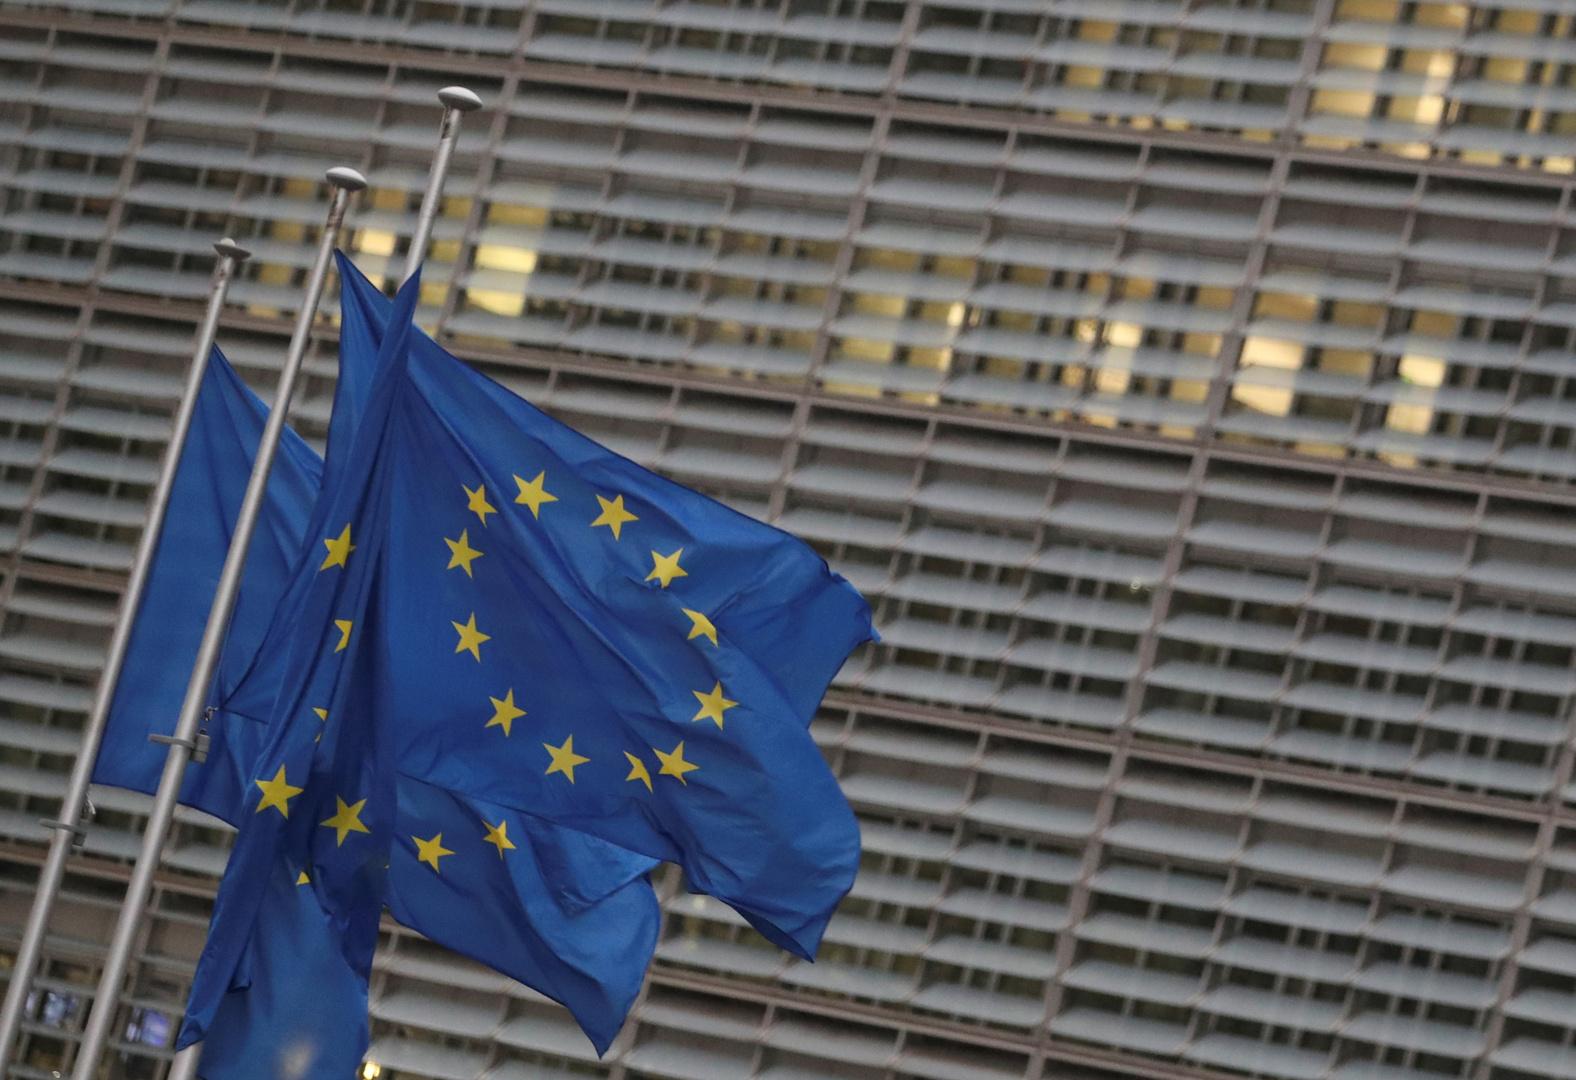 انطلاق المباحثات التقنية بين تركيا واليونان في بروكسل